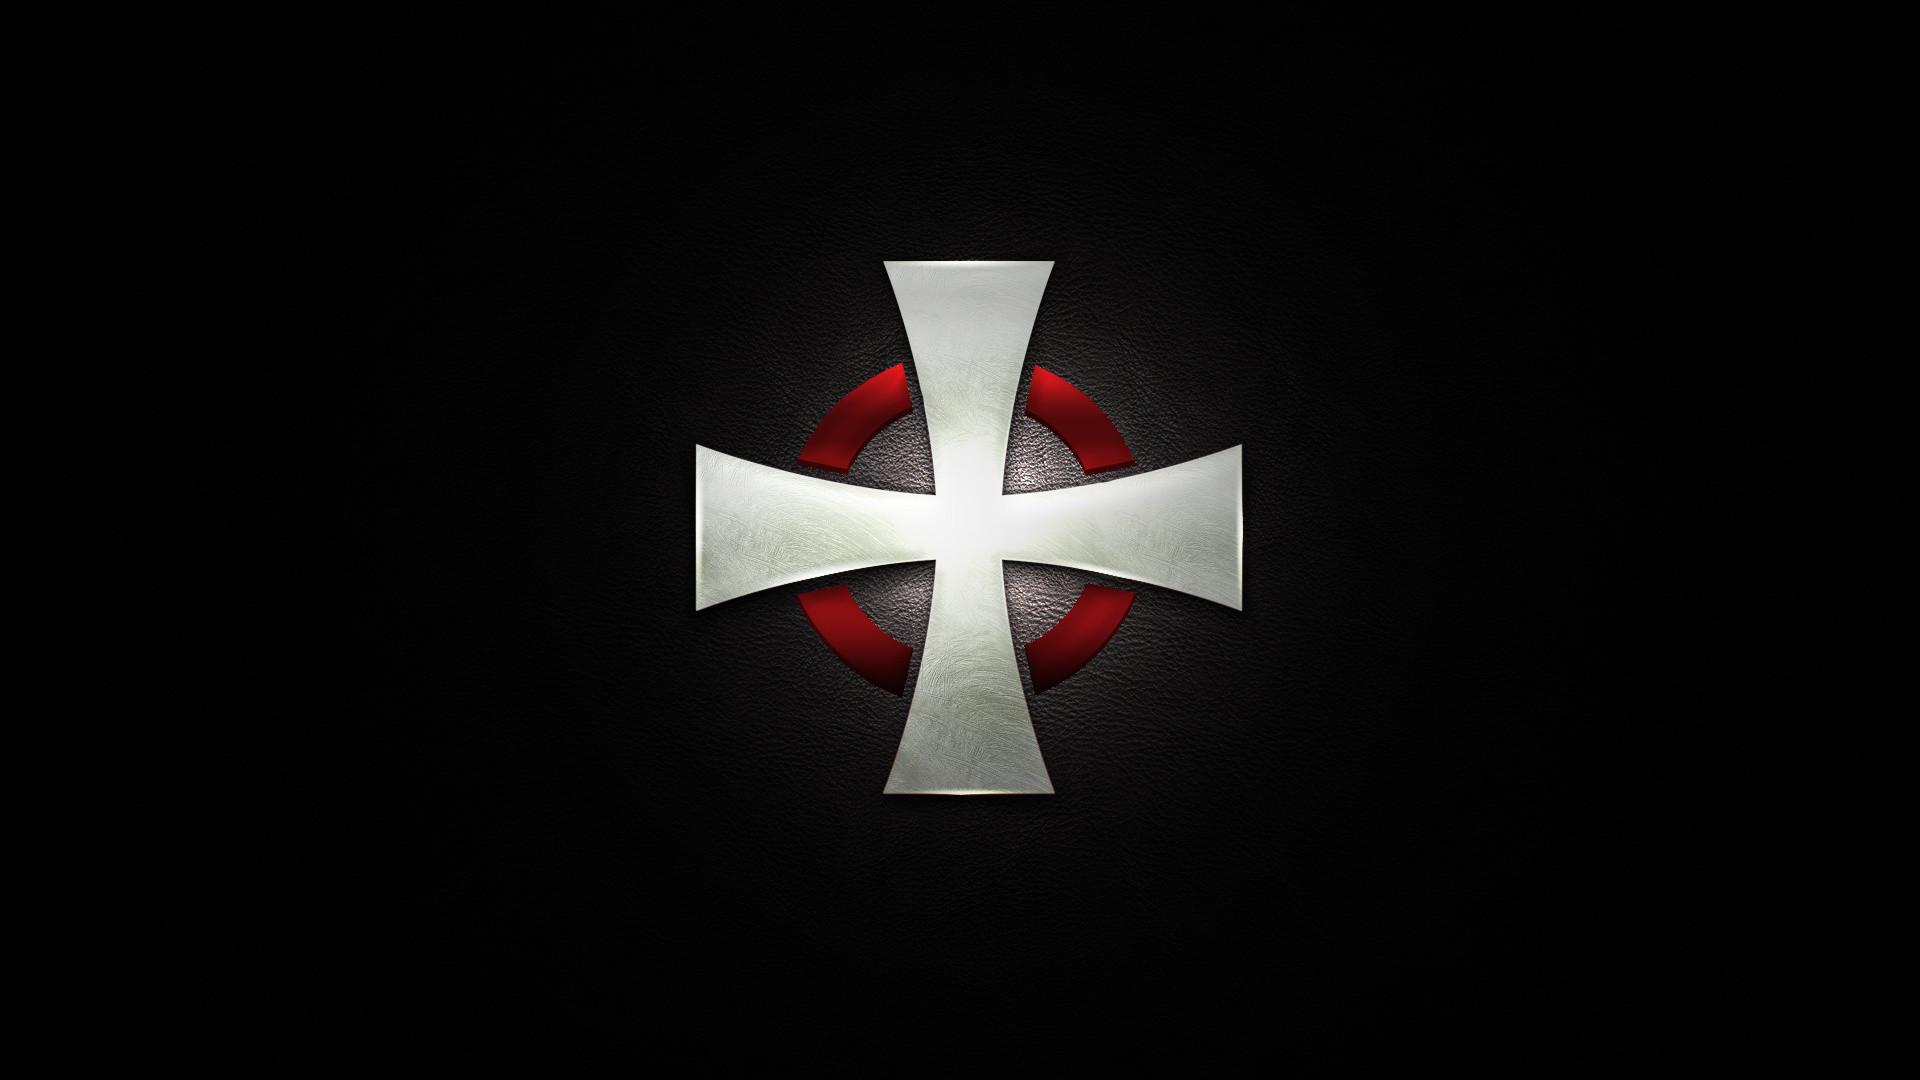 Res: 1920x1080, The Templars, Knights, Templar, Cross, Order